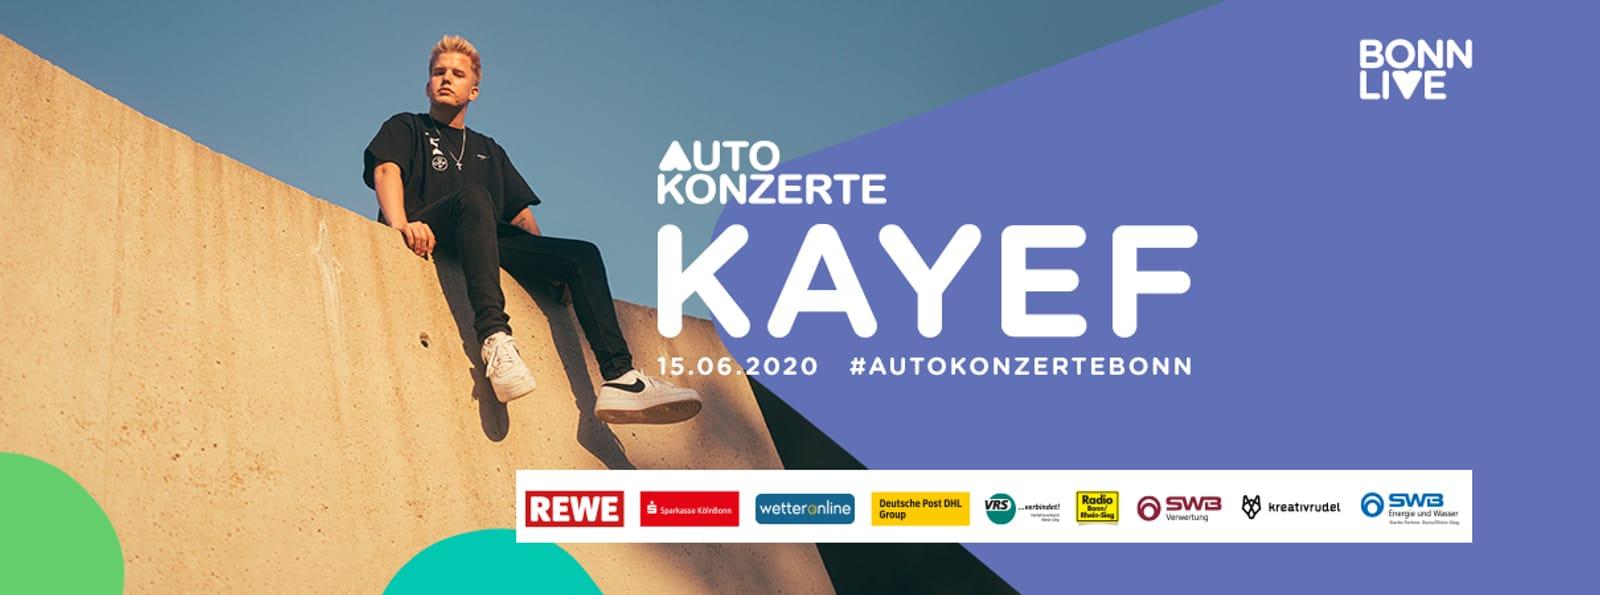 KAYEF | BonnLive Autokonzerte